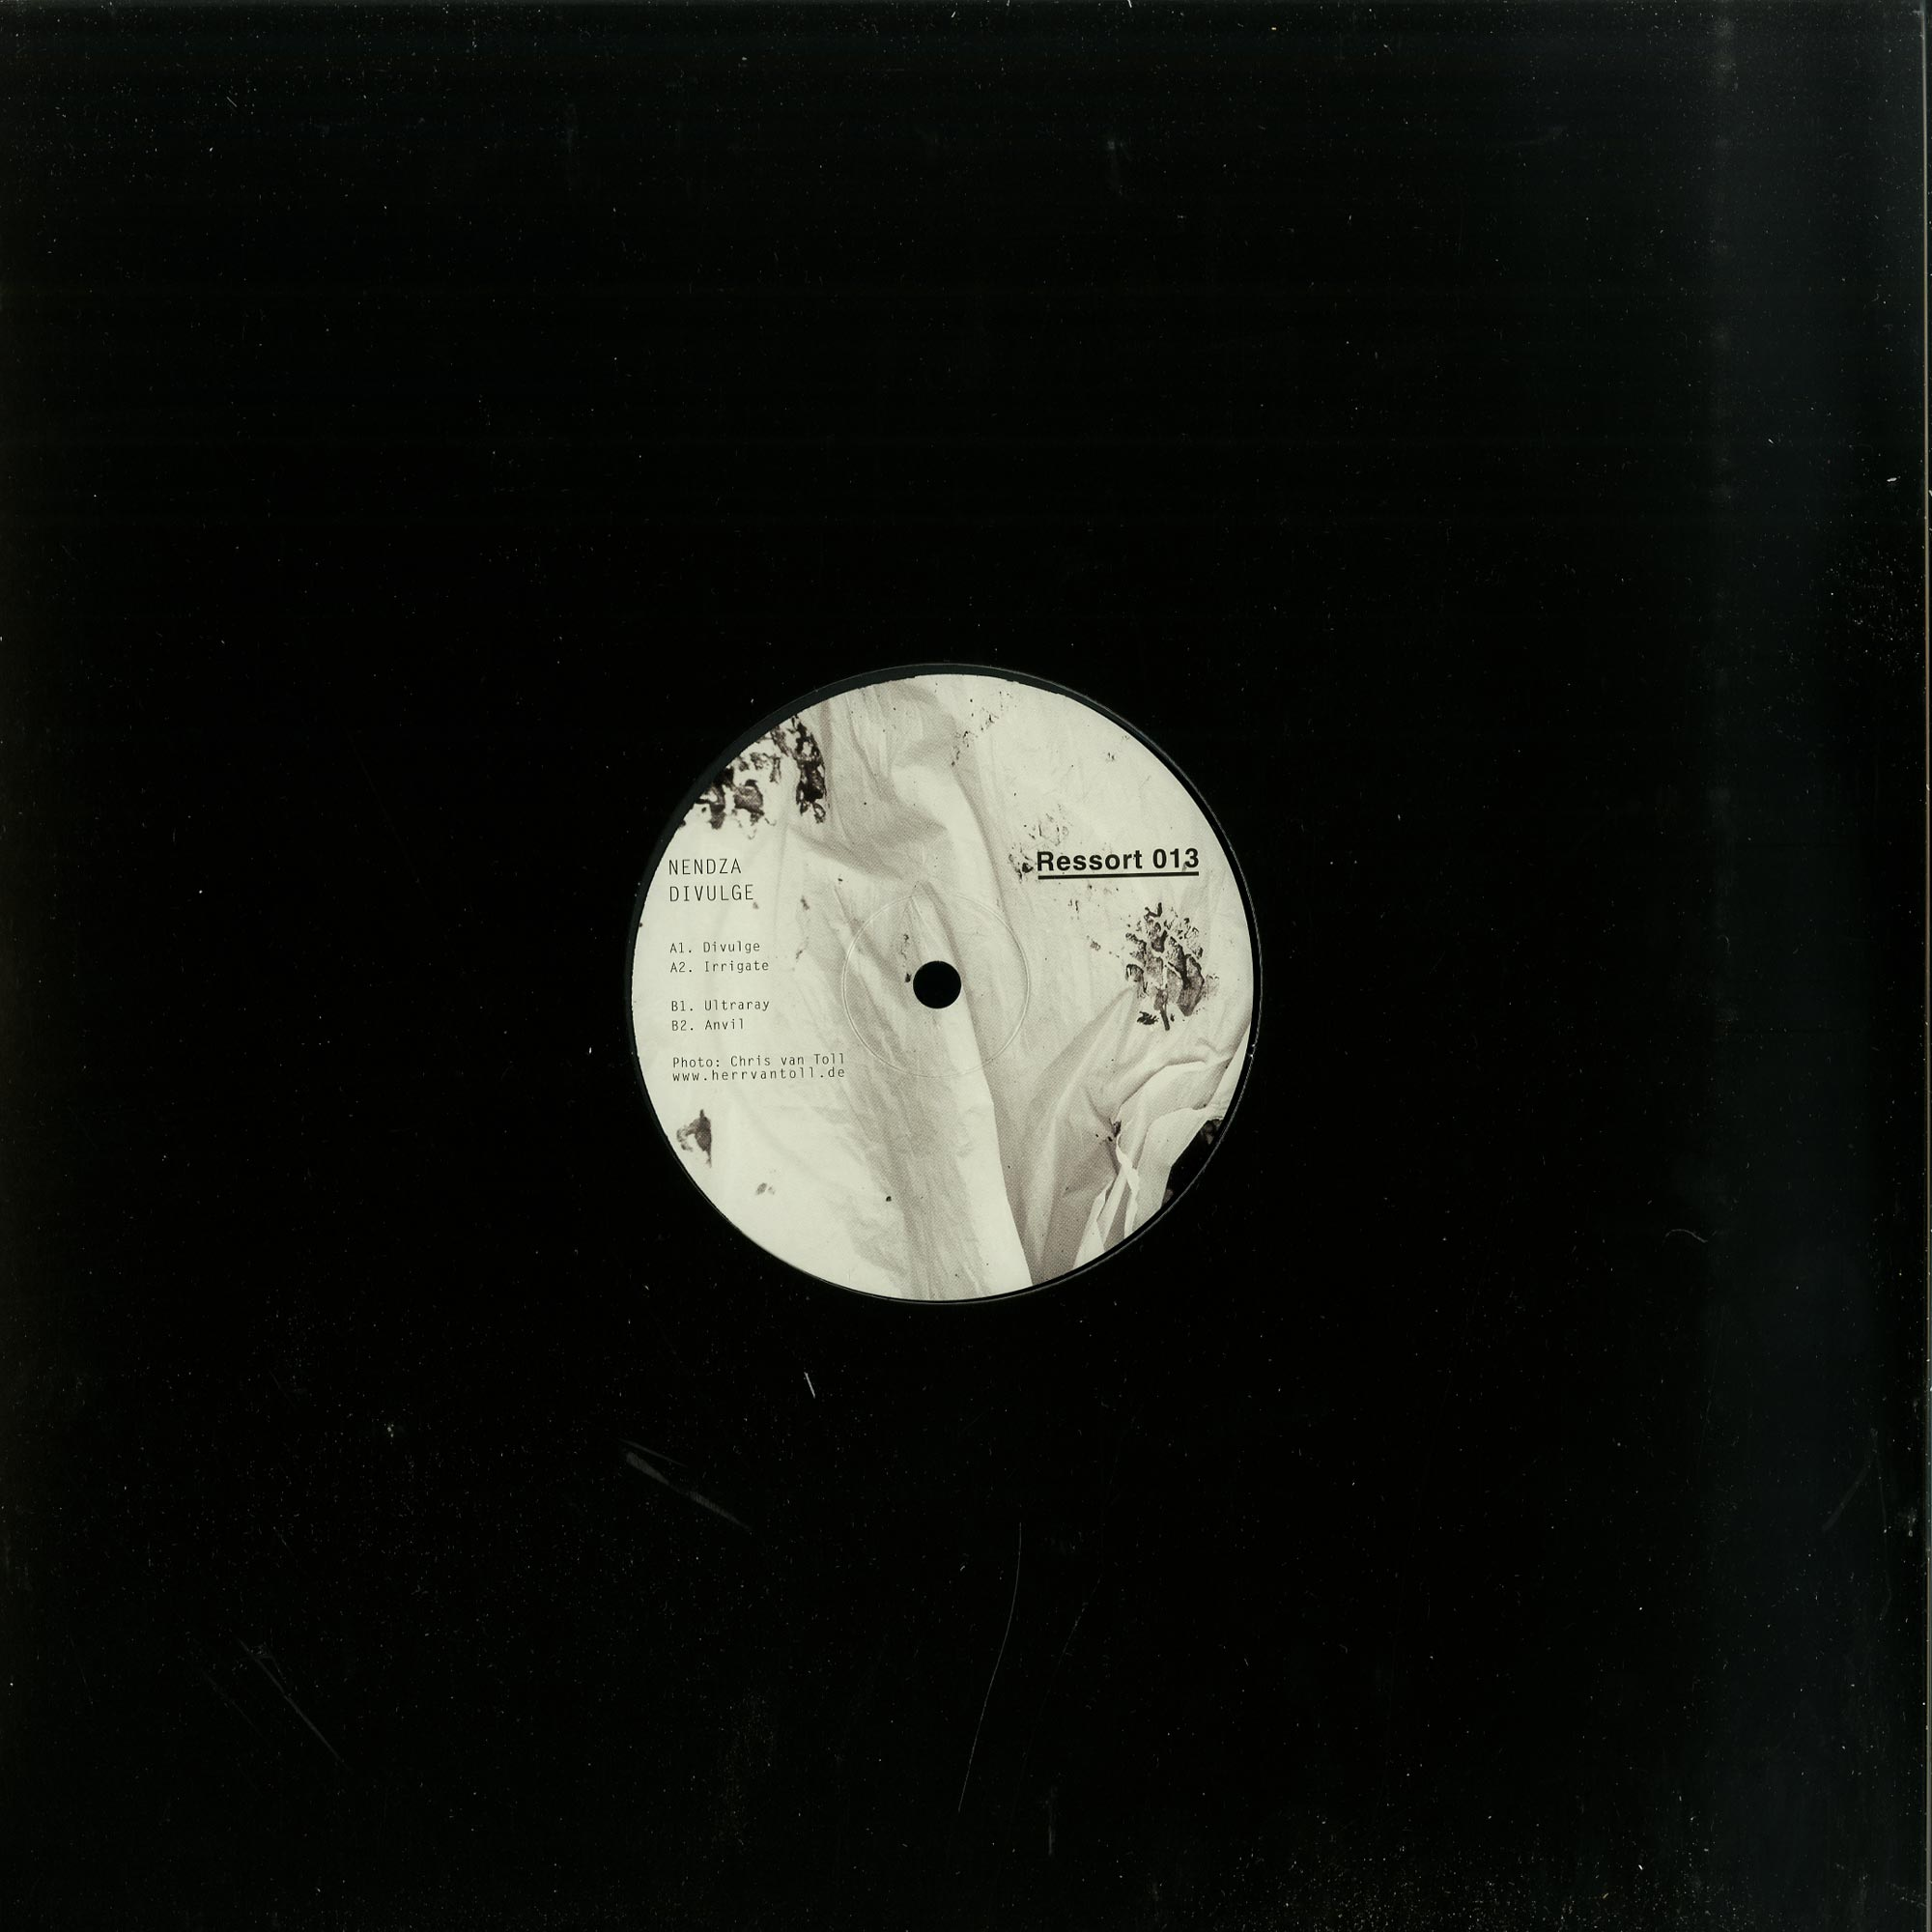 Nendza - DIVULGE EP